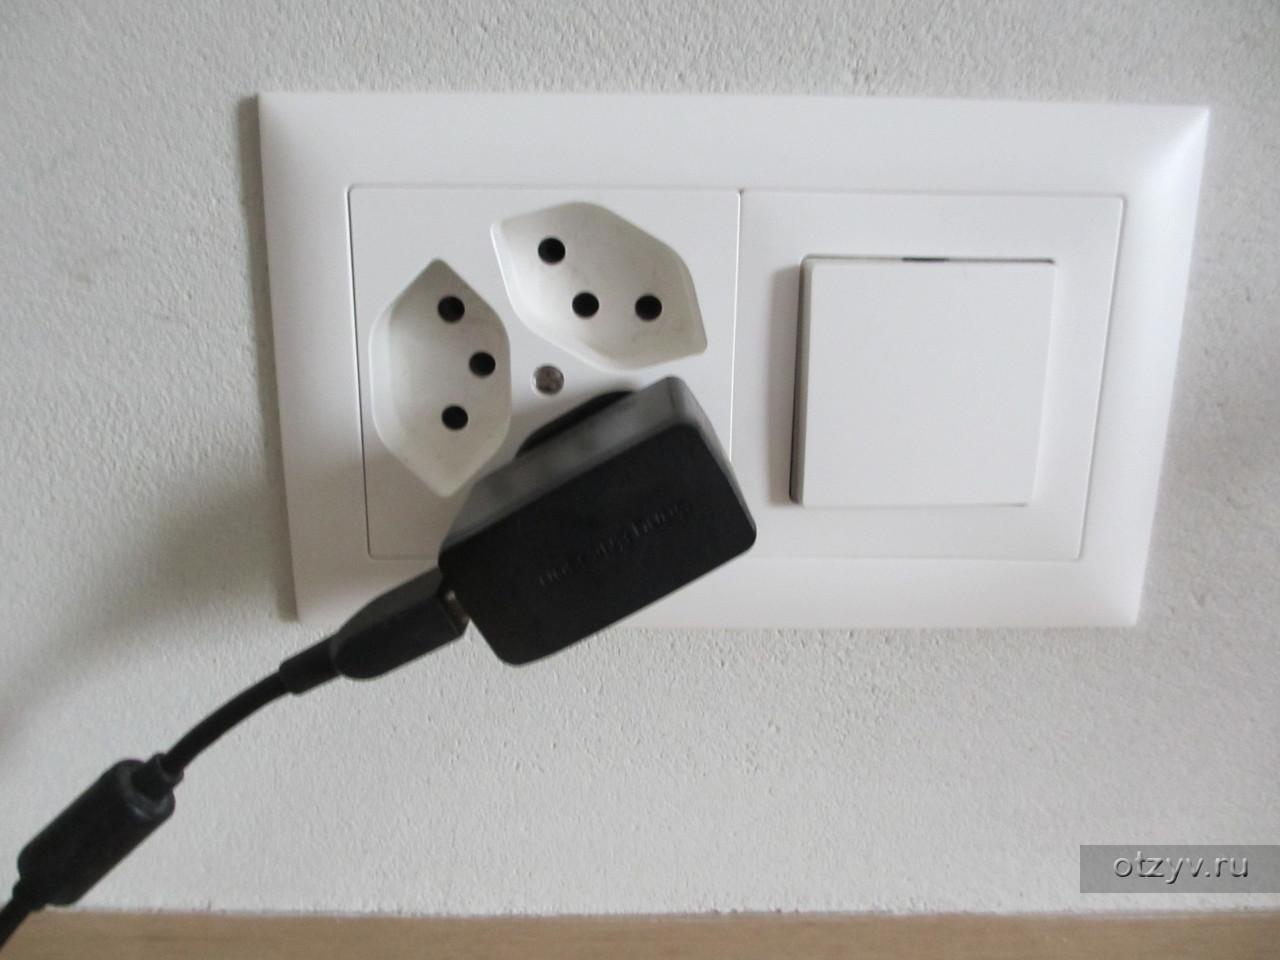 15 лучших электрогенераторов для дома и дачи: Бензиновые ...